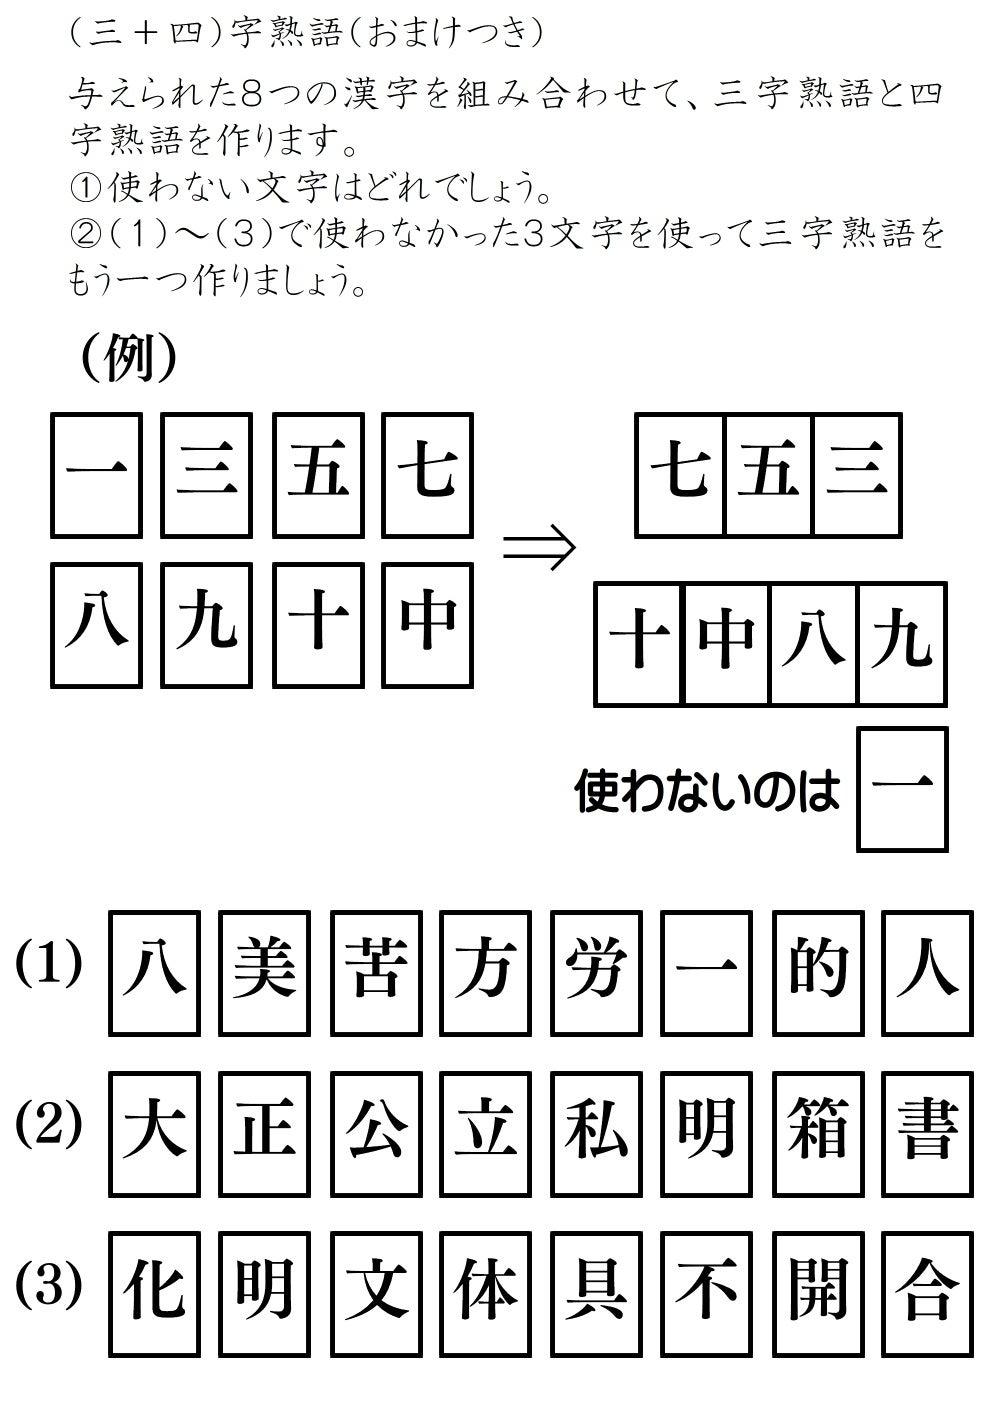 ゲーム 熟語 三 文字